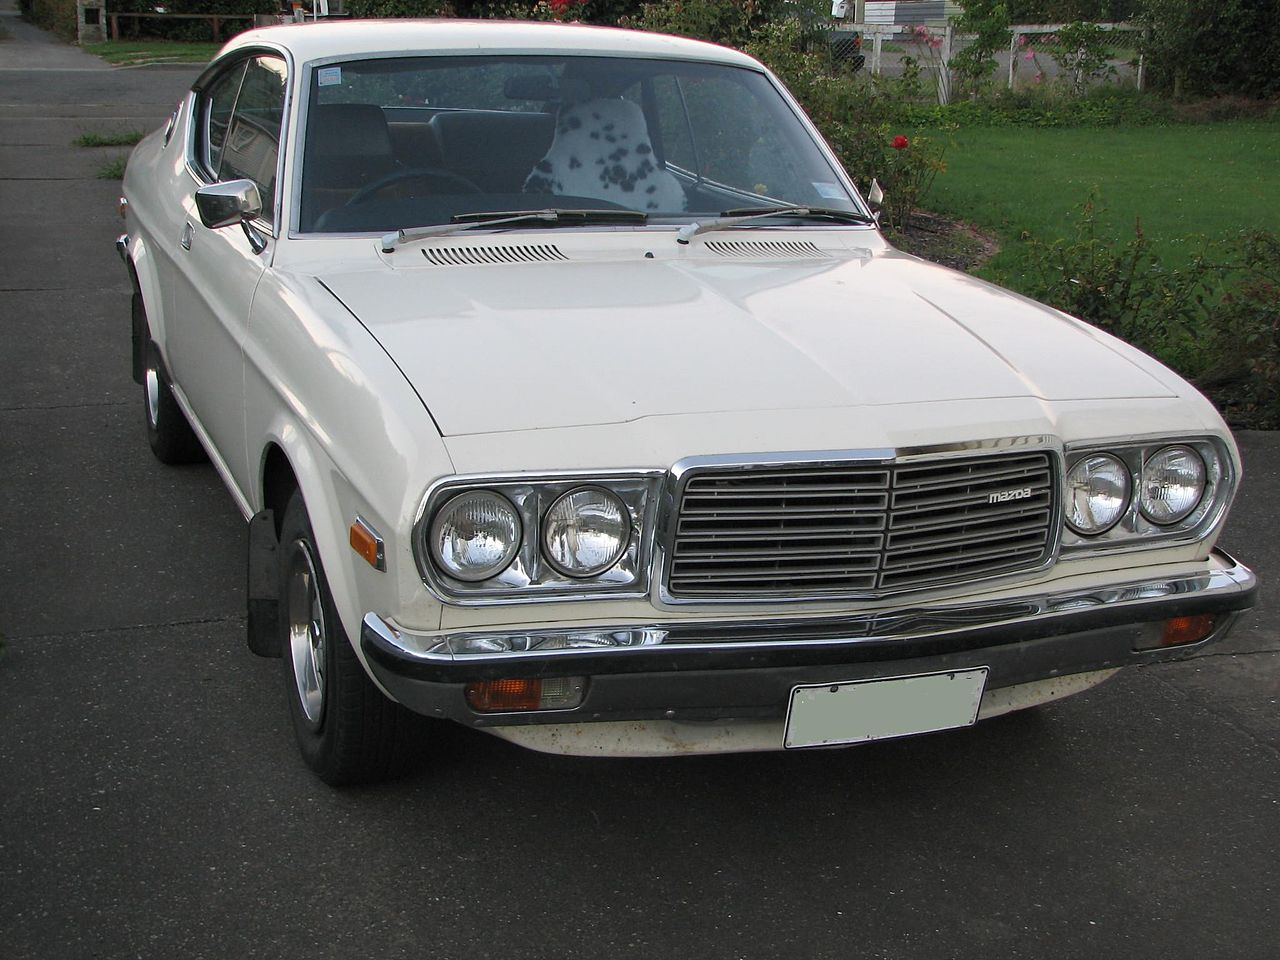 Az RX-4 a Mazda 929 bolygódugattyús motorral hajtott változata